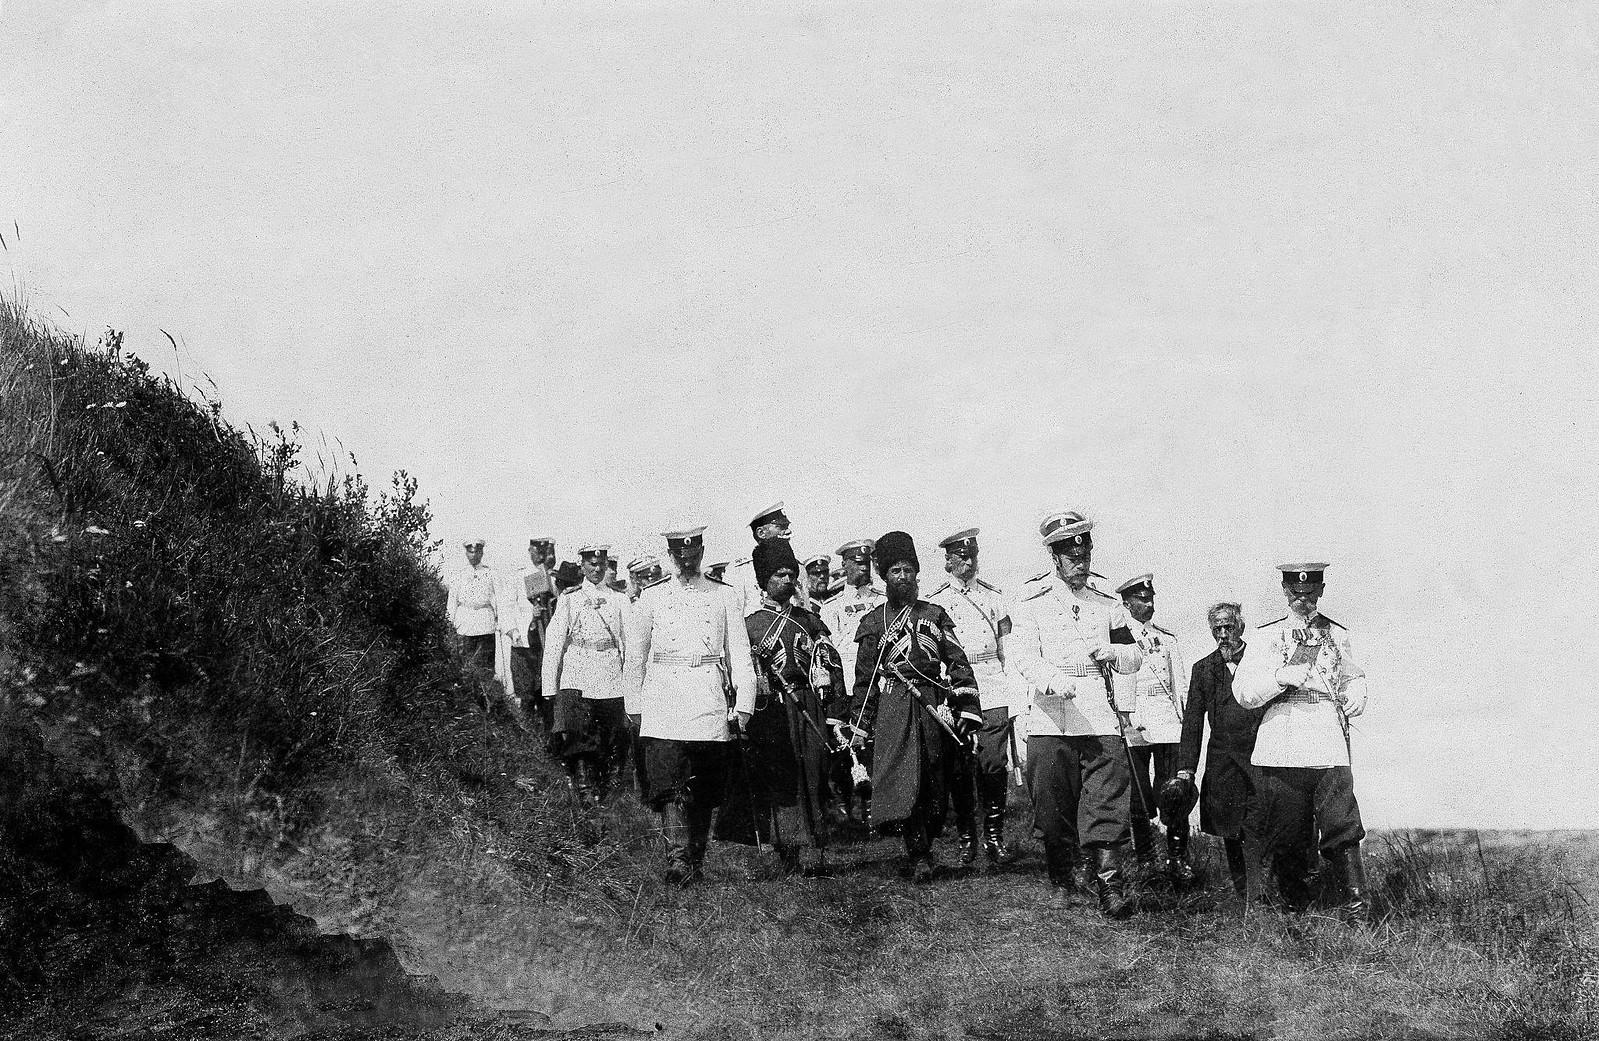 1900. Николай II со свитой на маневрах в Усть-Ижорском военном лагере